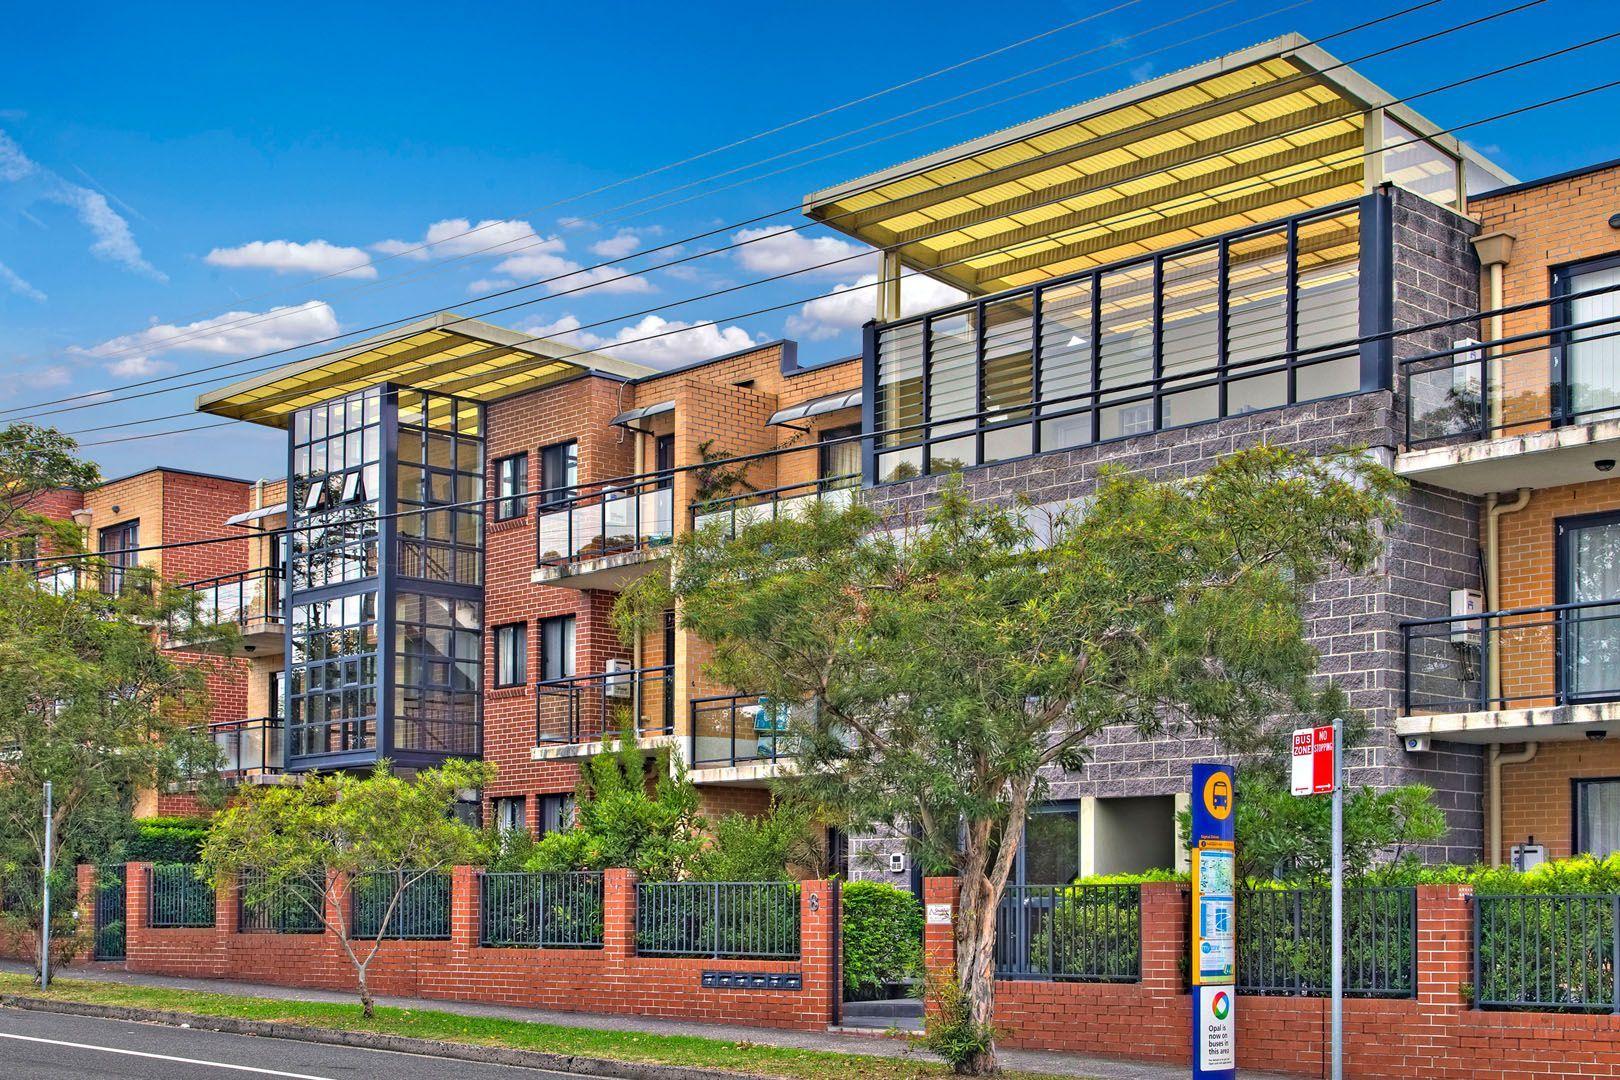 6/8-16 Water Street, Strathfield South NSW 2136